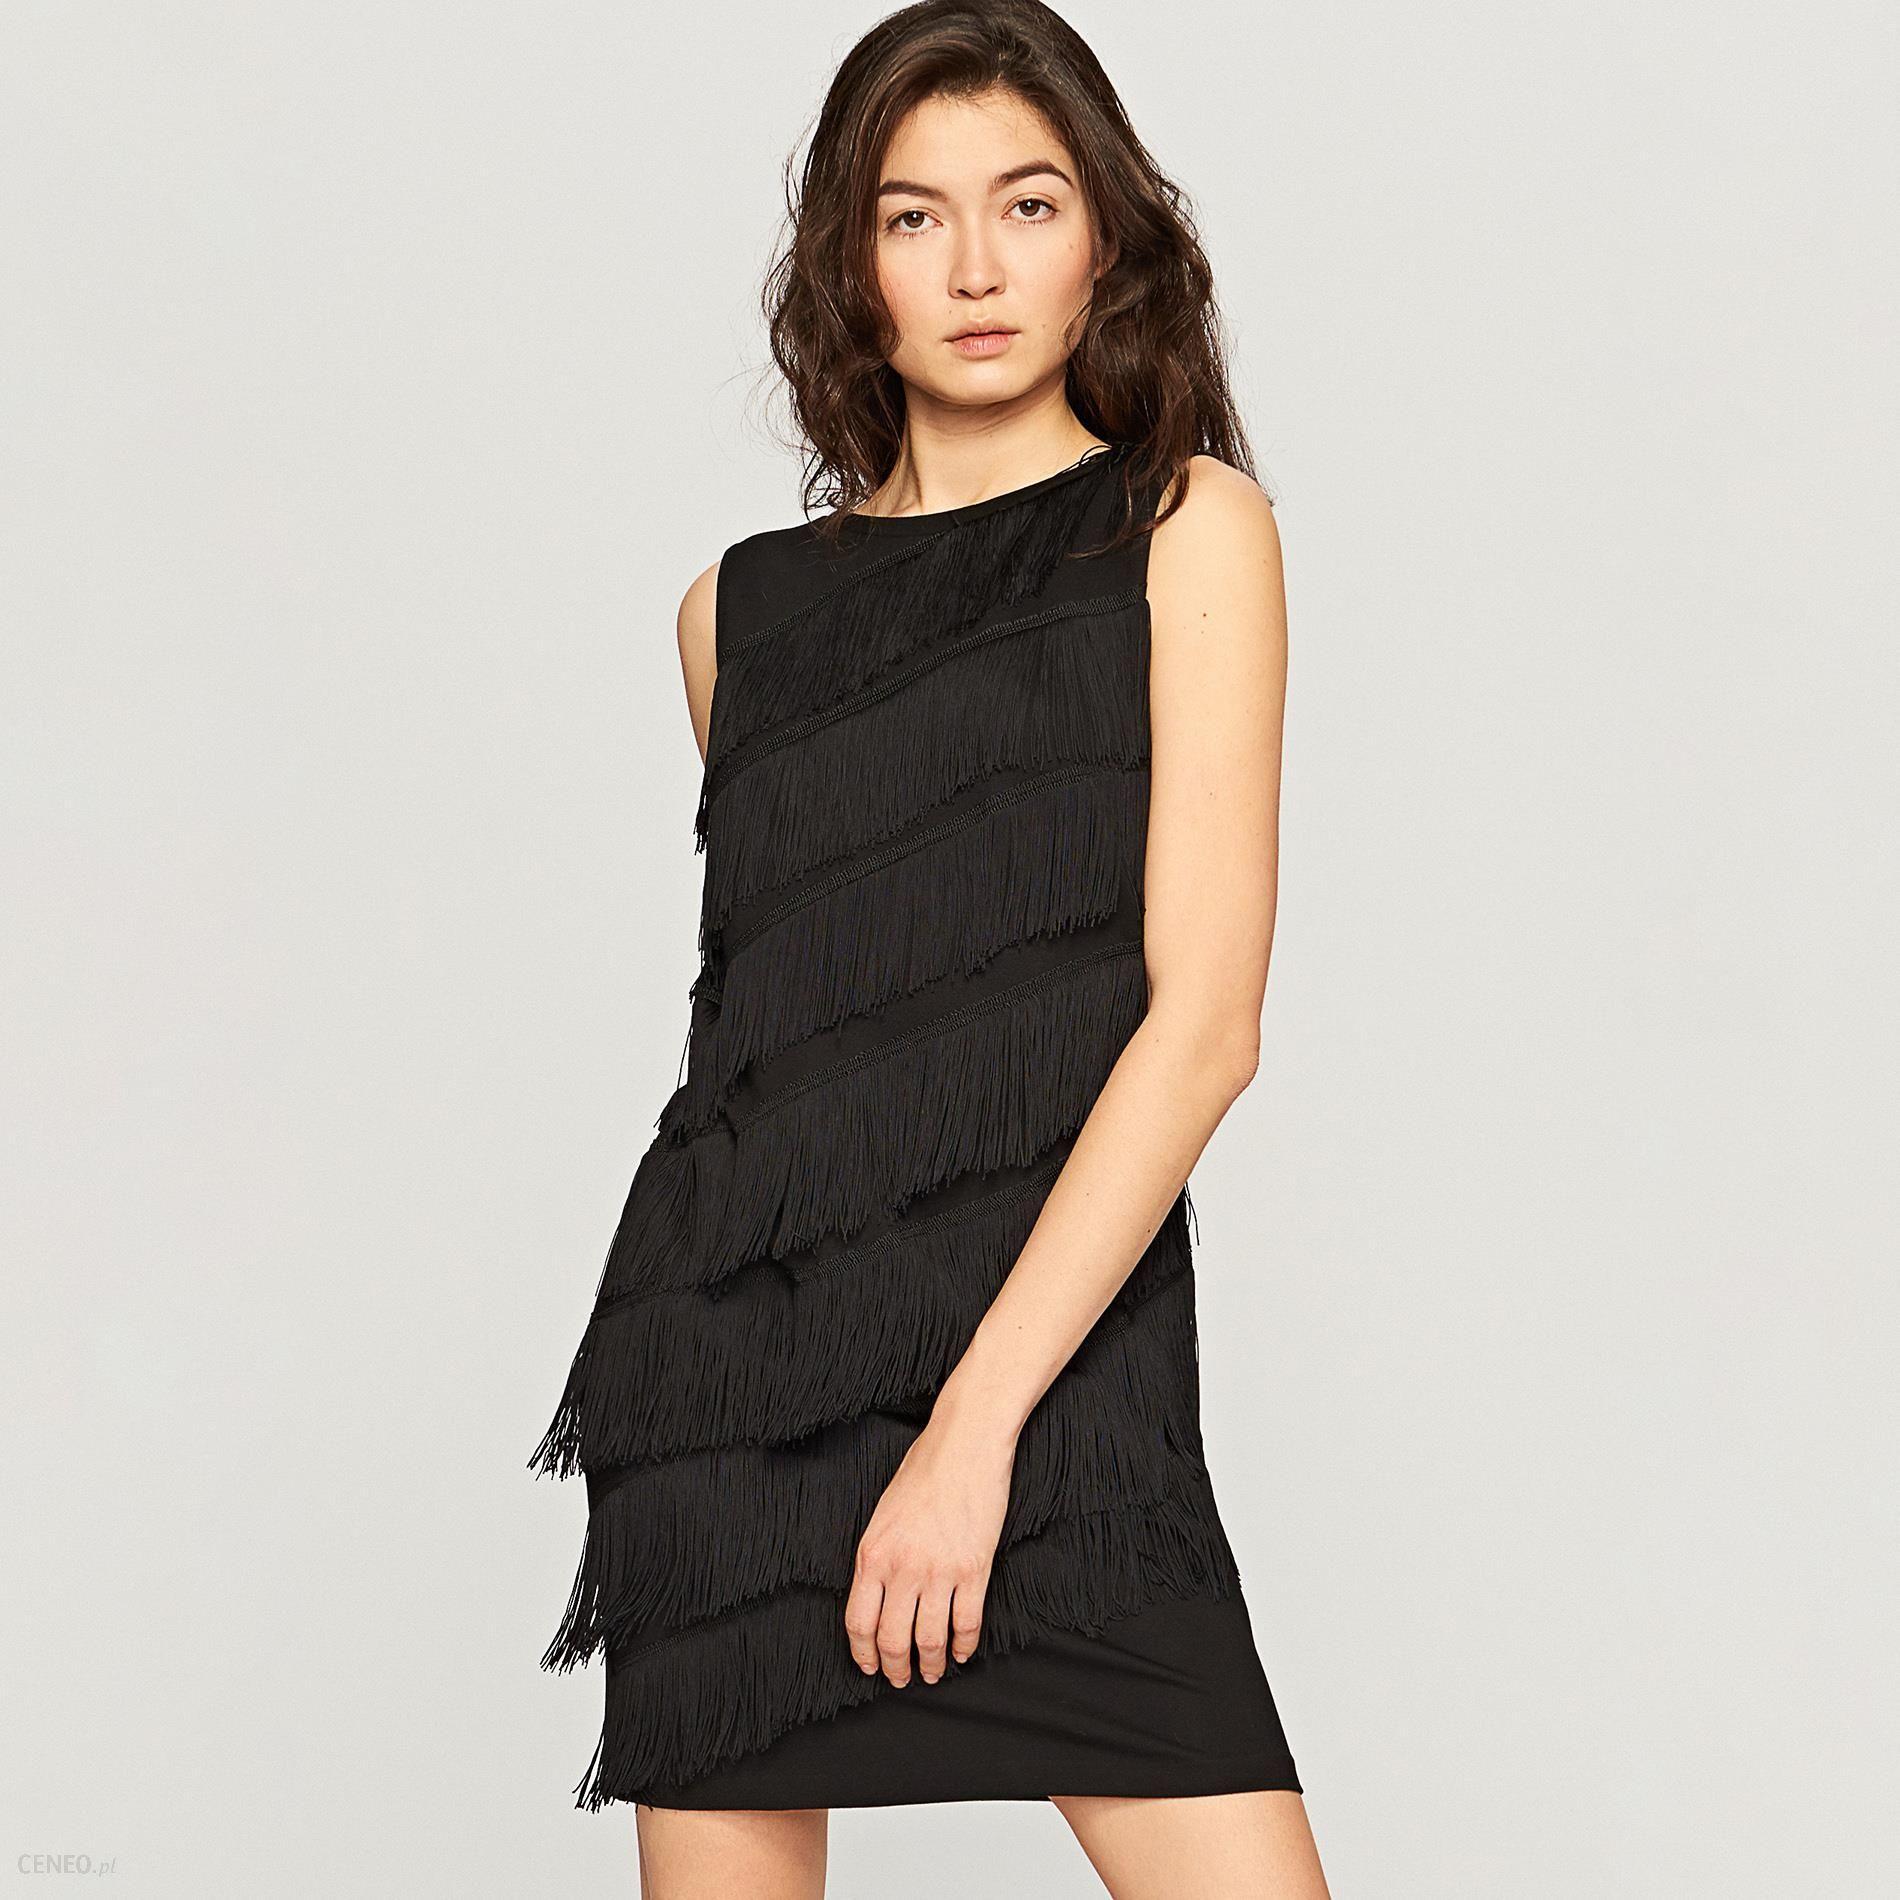 e0935a0e27 Reserved - Sukienka z frędzlami - Czarny - Ceny i opinie - Ceneo.pl